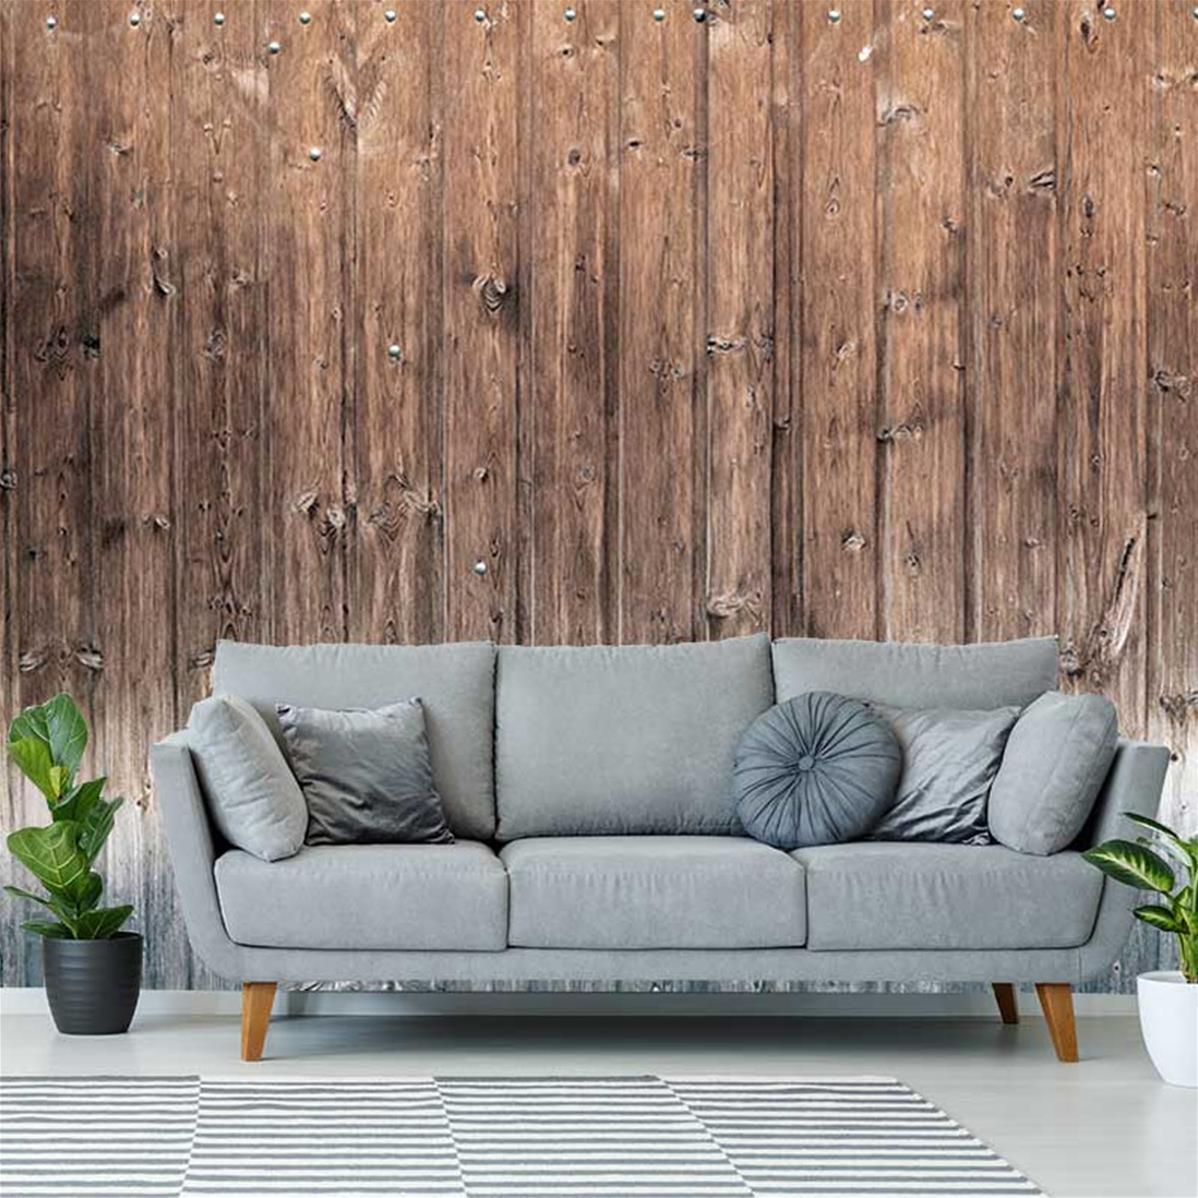 papier peint aspect bois moderne wooden wall